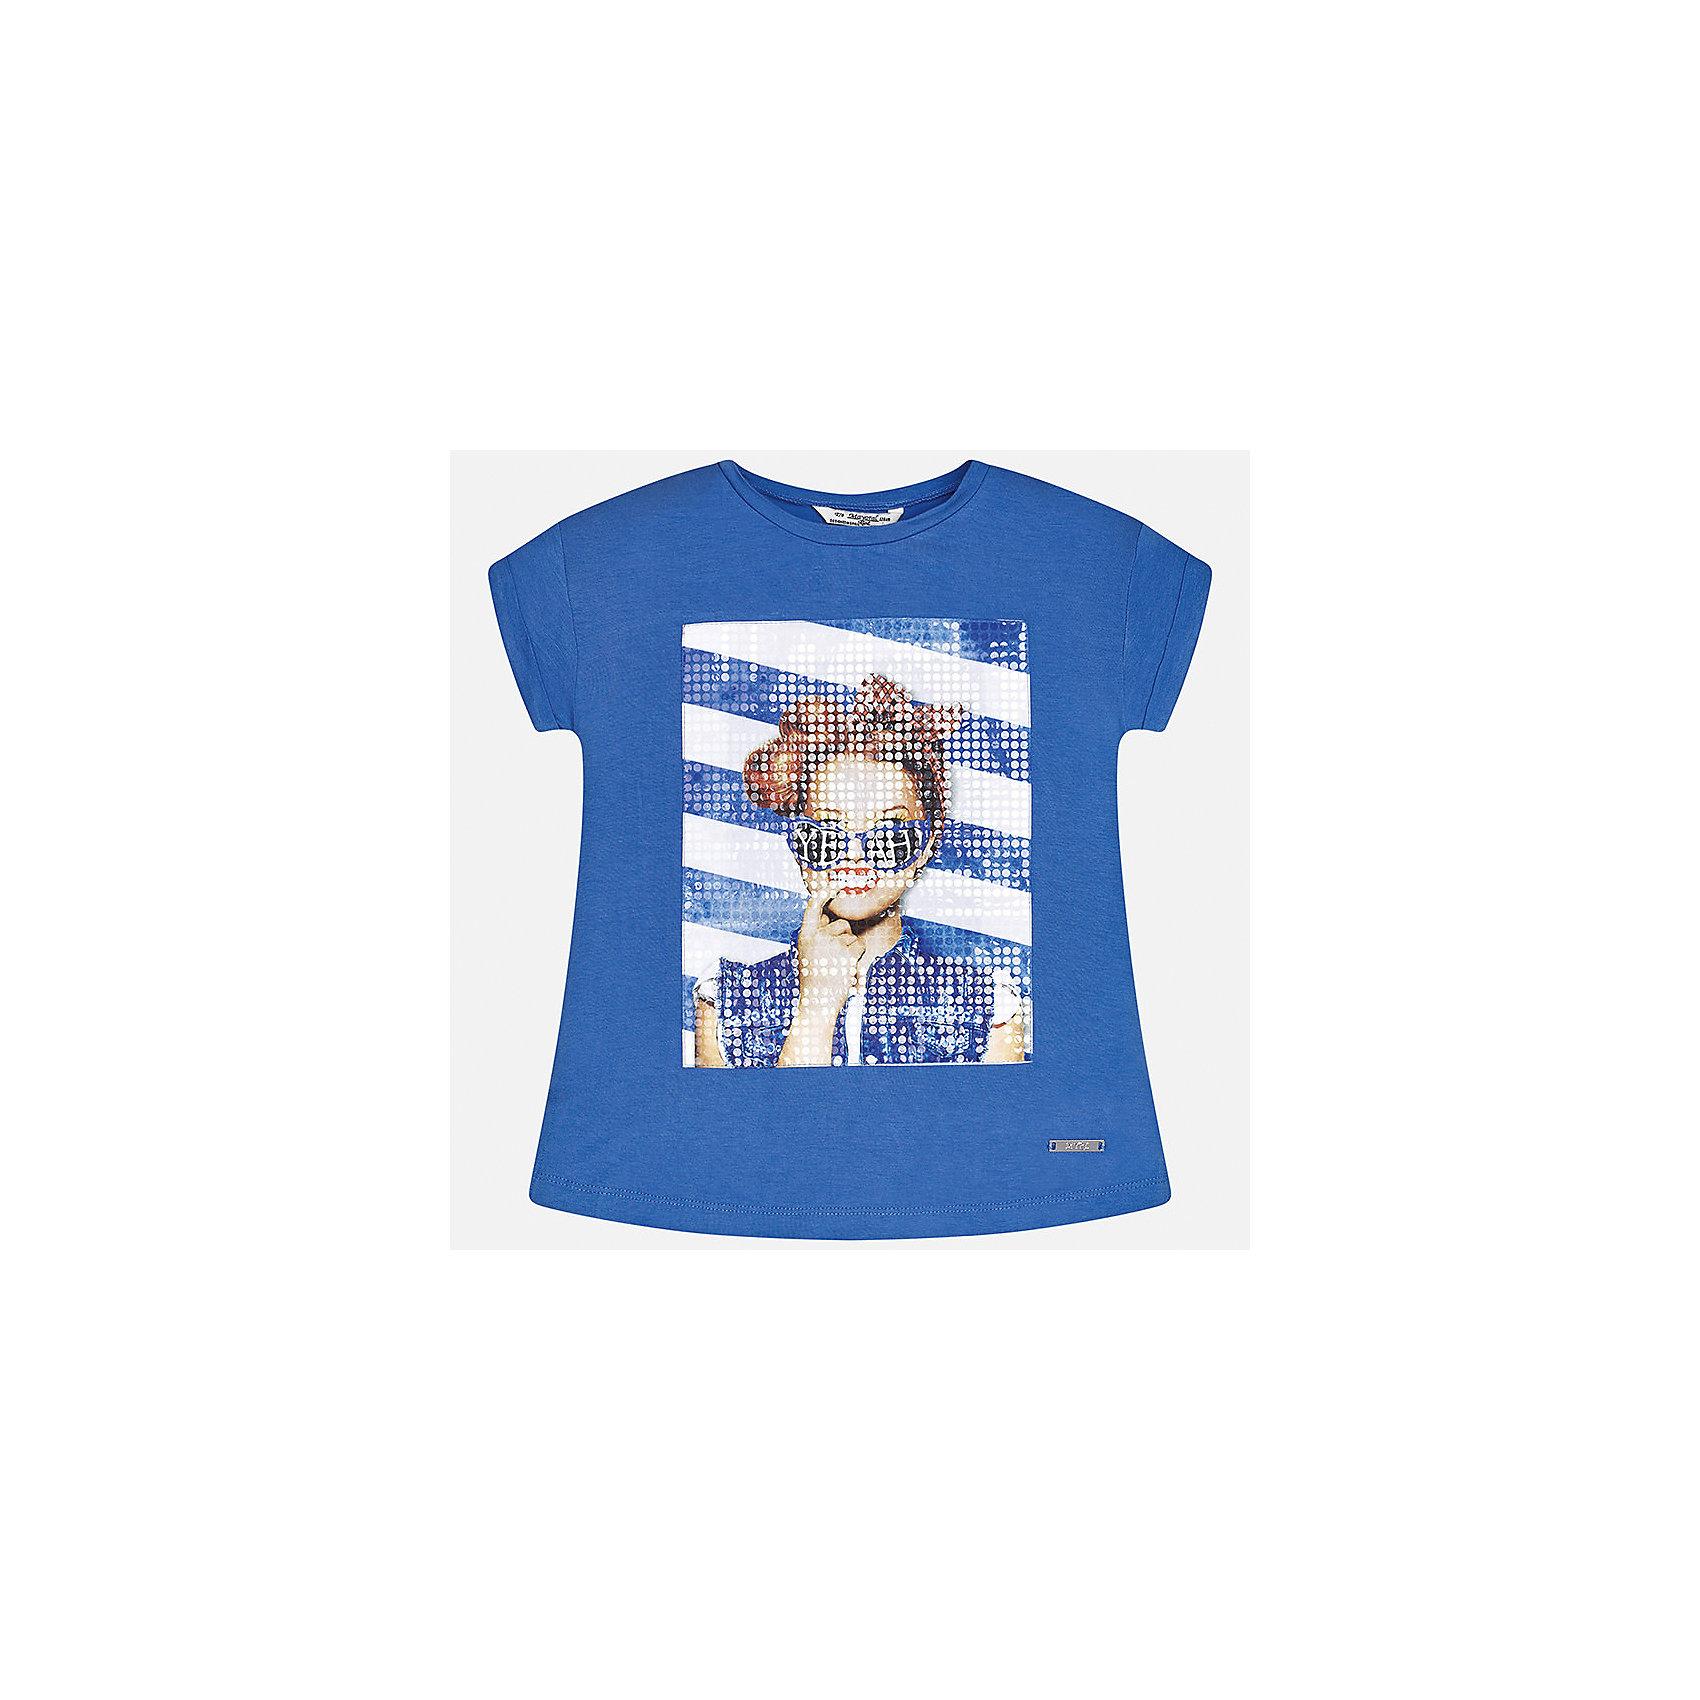 Футболка для девочки MayoralХарактеристики товара:<br><br>• цвет: синий<br>• состав: 95% вискоза, 5% эластан<br>• декорирована принтом<br>• короткие рукава<br>• округлый горловой вырез<br>• страна бренда: Испания<br><br>Стильная качественная футболка для девочки поможет разнообразить гардероб ребенка и украсить наряд. Она отлично сочетается и с юбками, и с шортами, и с брюками. Интересная отделка модели делает её нарядной и оригинальной. <br><br>Футболку для девочки от испанского бренда Mayoral (Майорал) можно купить в нашем интернет-магазине.<br><br>Ширина мм: 199<br>Глубина мм: 10<br>Высота мм: 161<br>Вес г: 151<br>Цвет: синий<br>Возраст от месяцев: 168<br>Возраст до месяцев: 180<br>Пол: Женский<br>Возраст: Детский<br>Размер: 170,128/134,140,152,158,164<br>SKU: 5292512